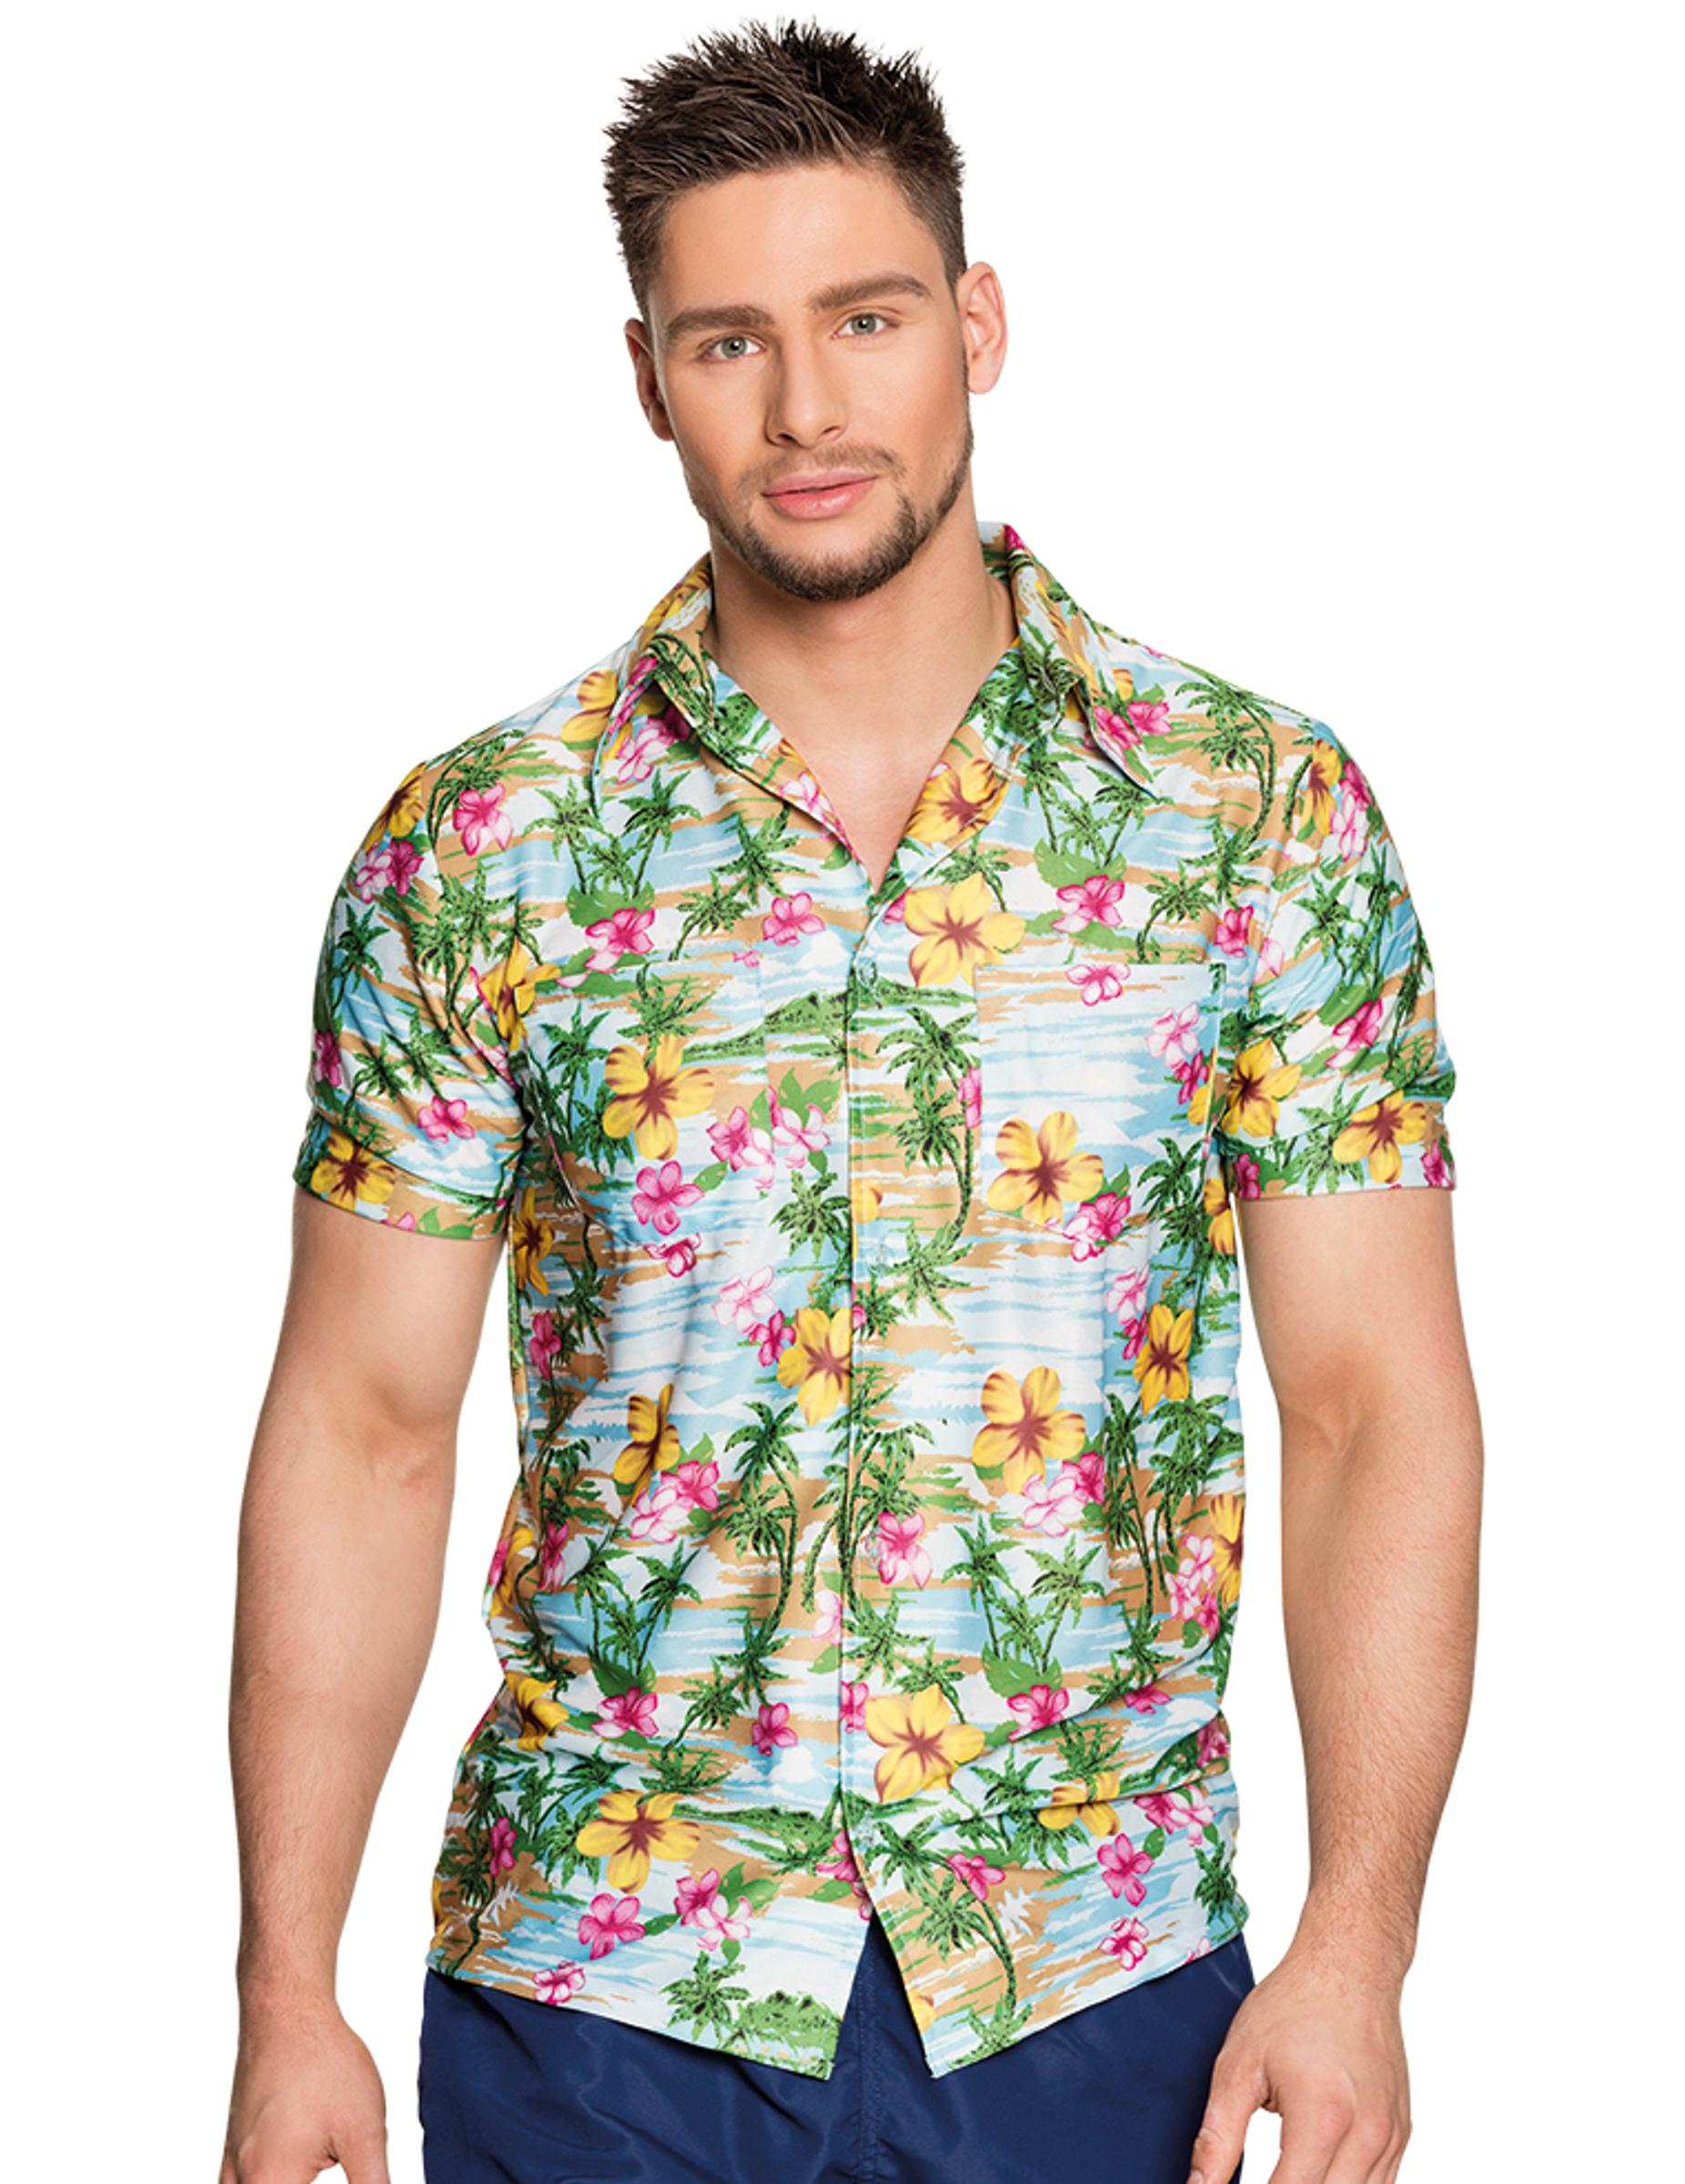 Overhemd Mannen.Hawai Overhemd Voor Mannen Volwassenen Kostuums En Goedkope